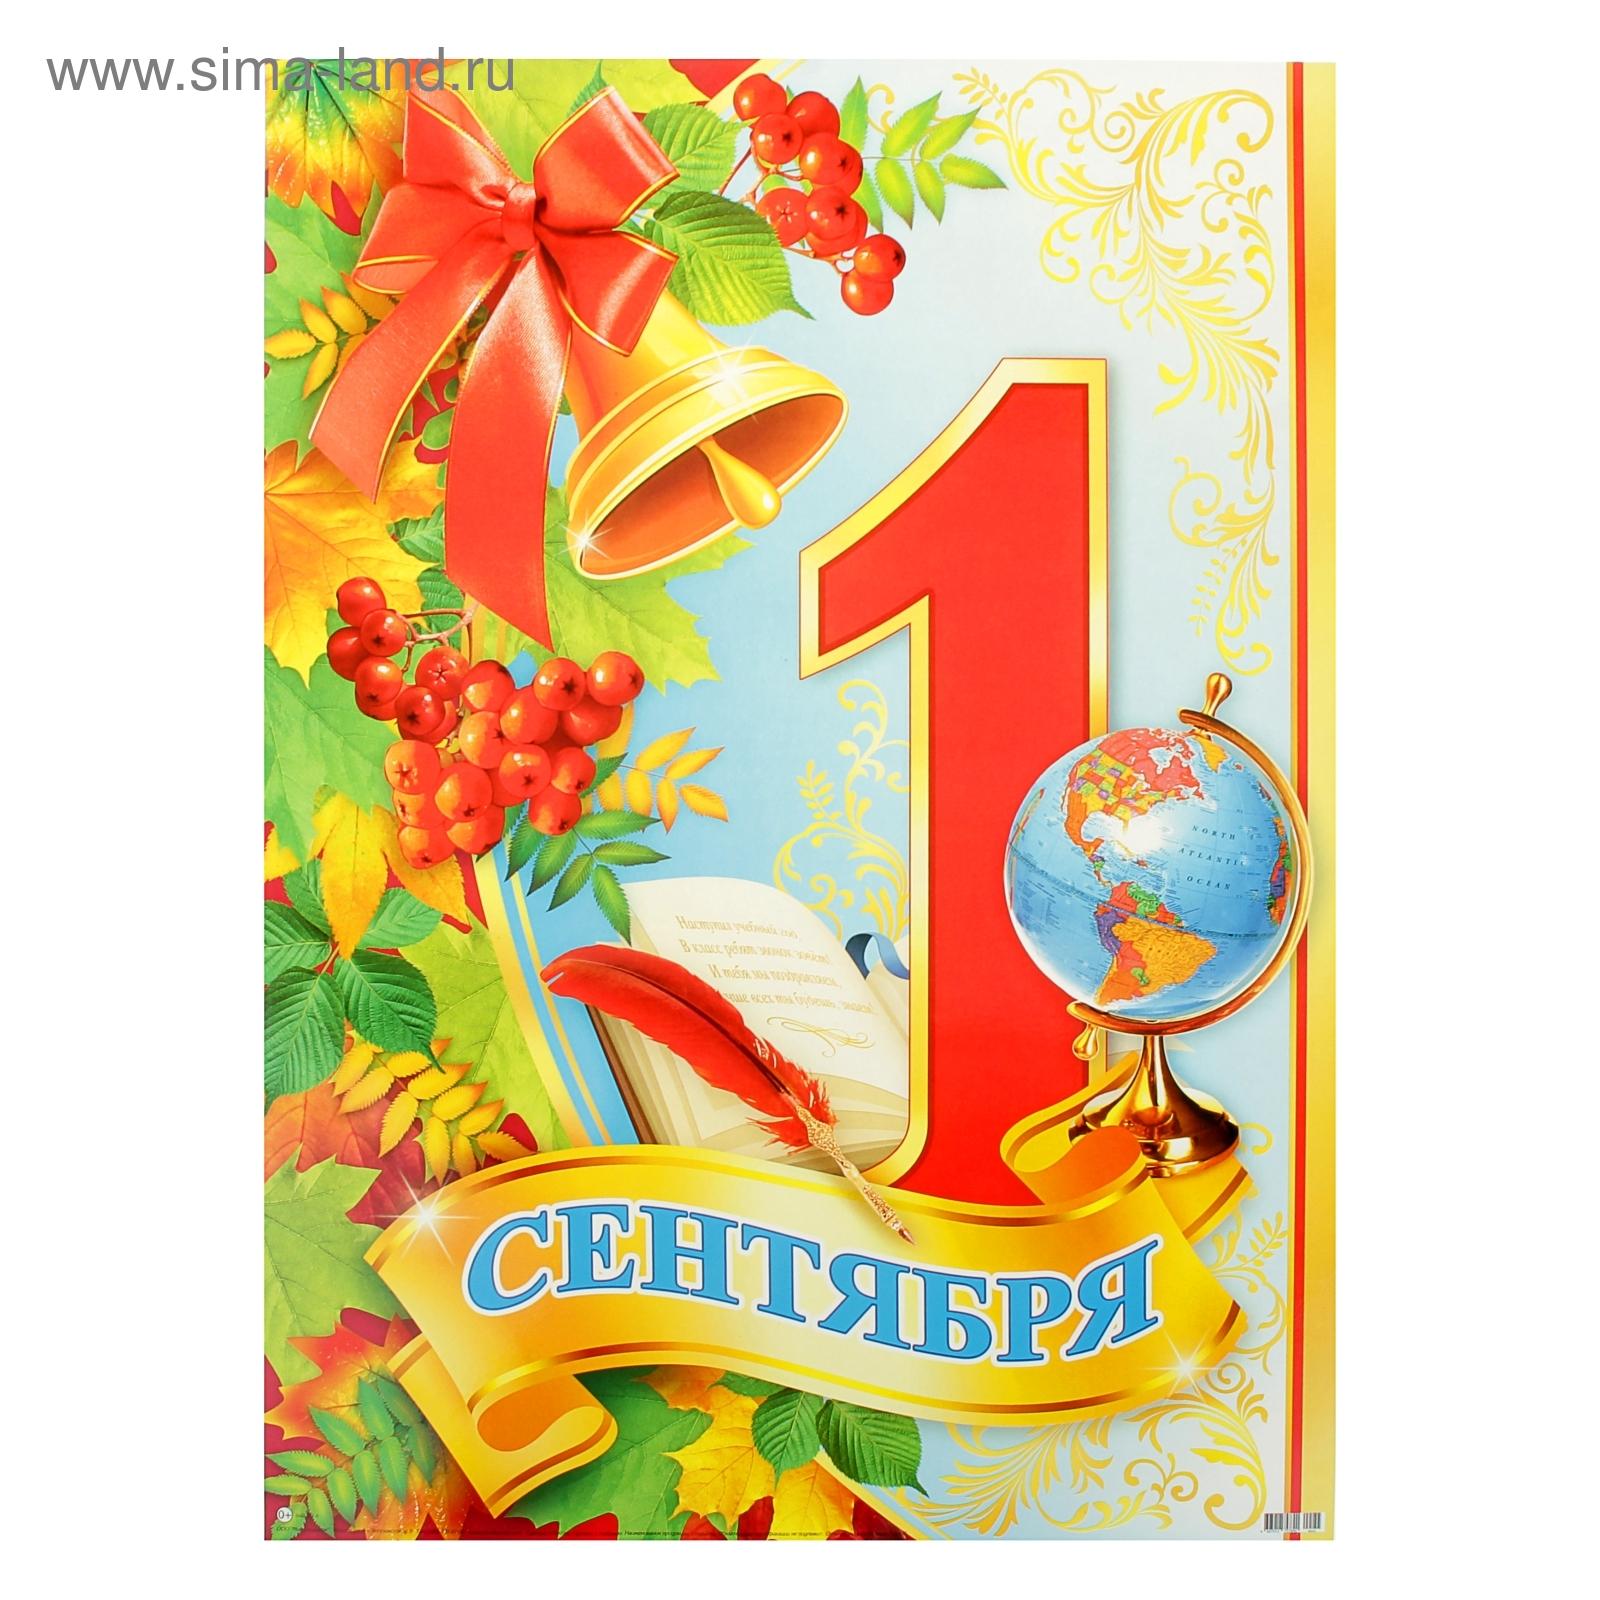 1 сентября открытка на стенд, днем рождения виде